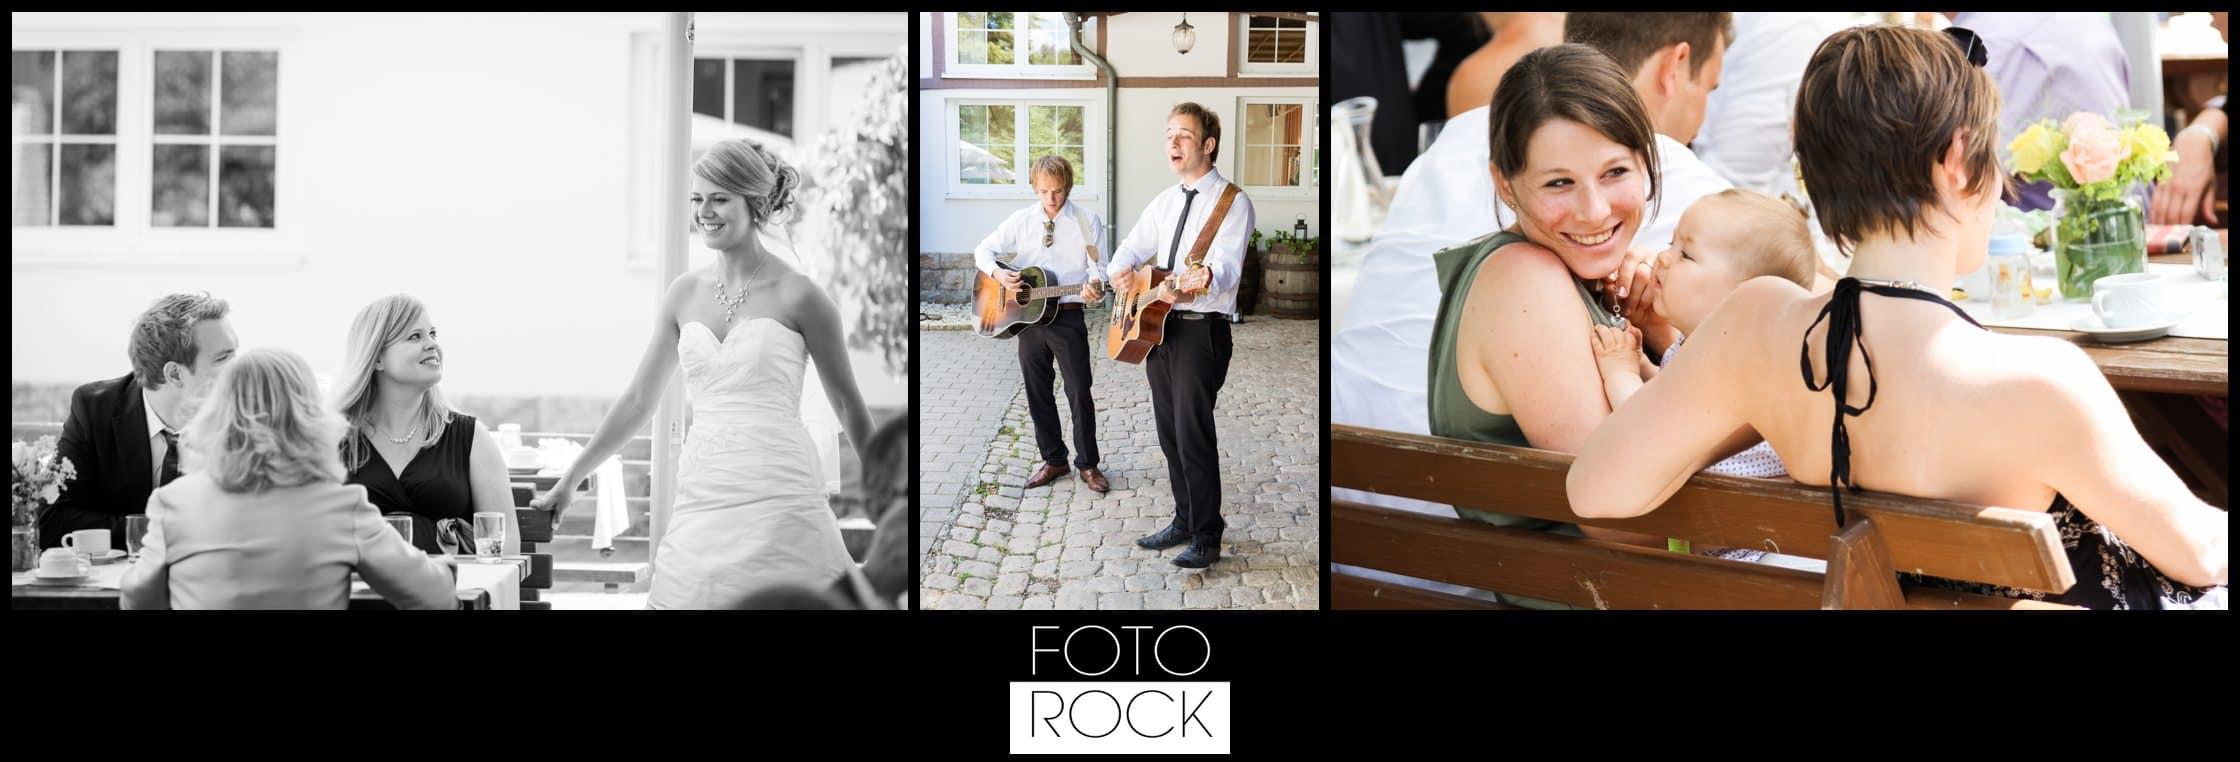 Hochzeit Lilienhof Ihringen Apero Gäste Musik